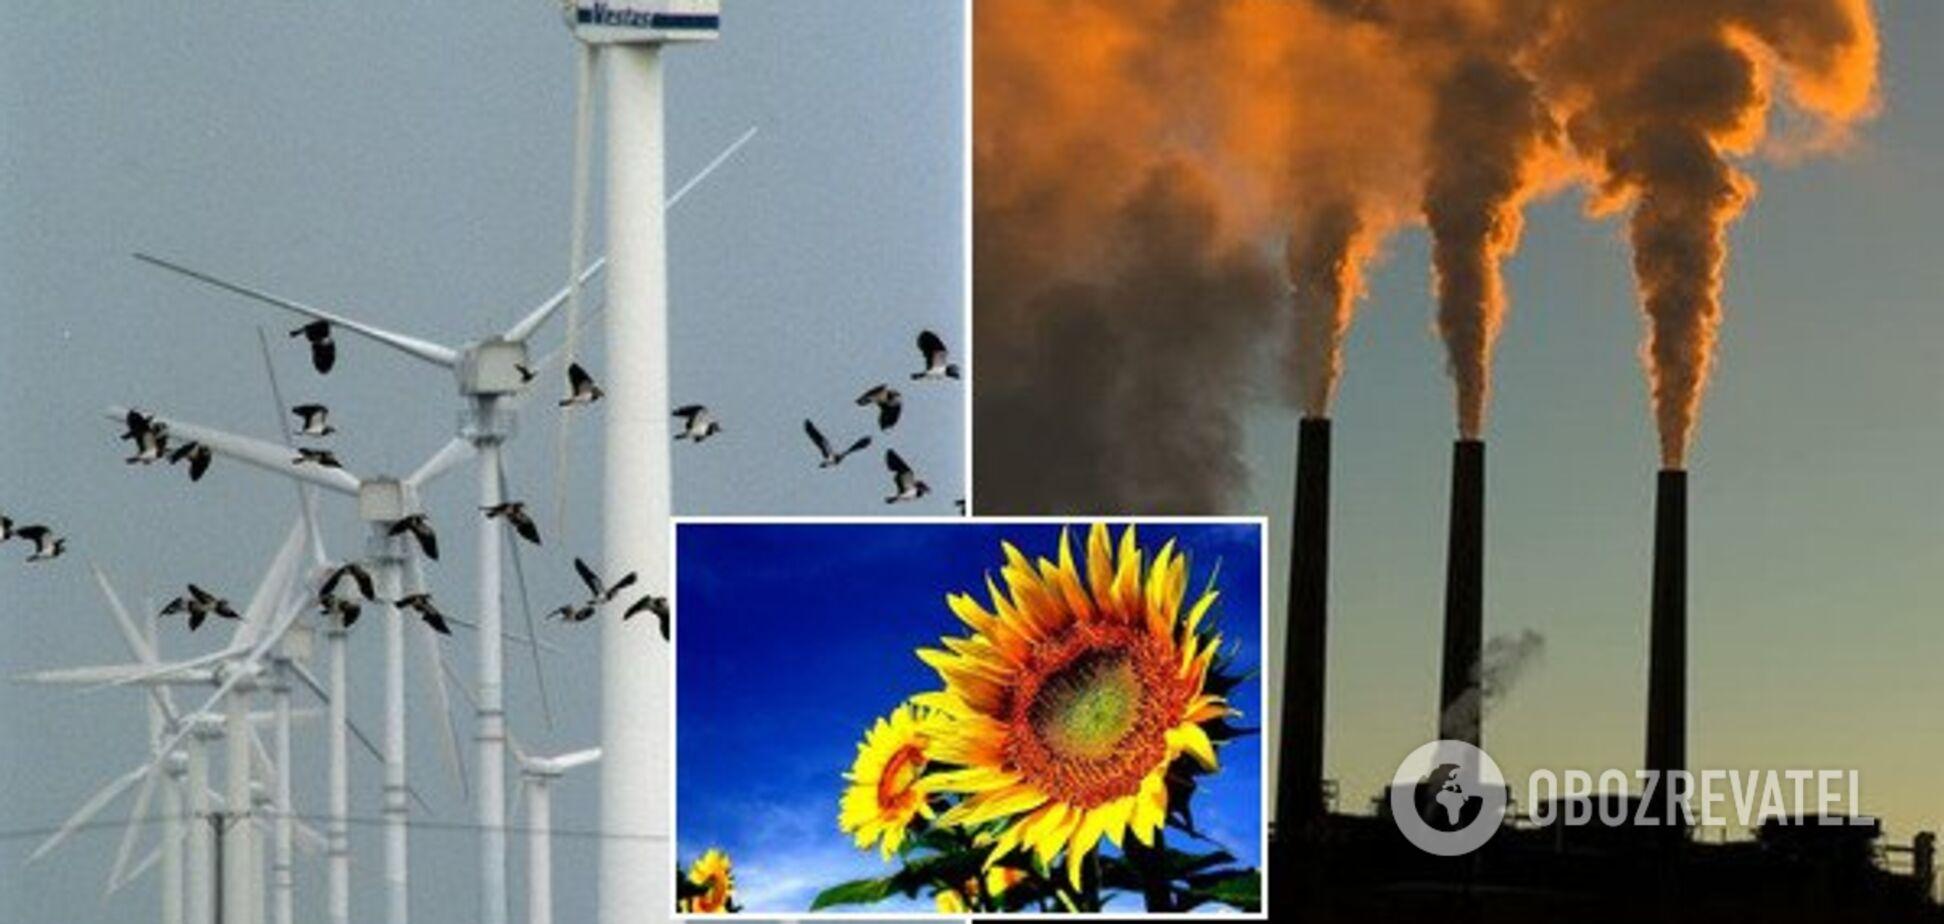 Тотальні витрати і загибель птахів: розкрито несподівані мінуси 'зеленої' енергетики